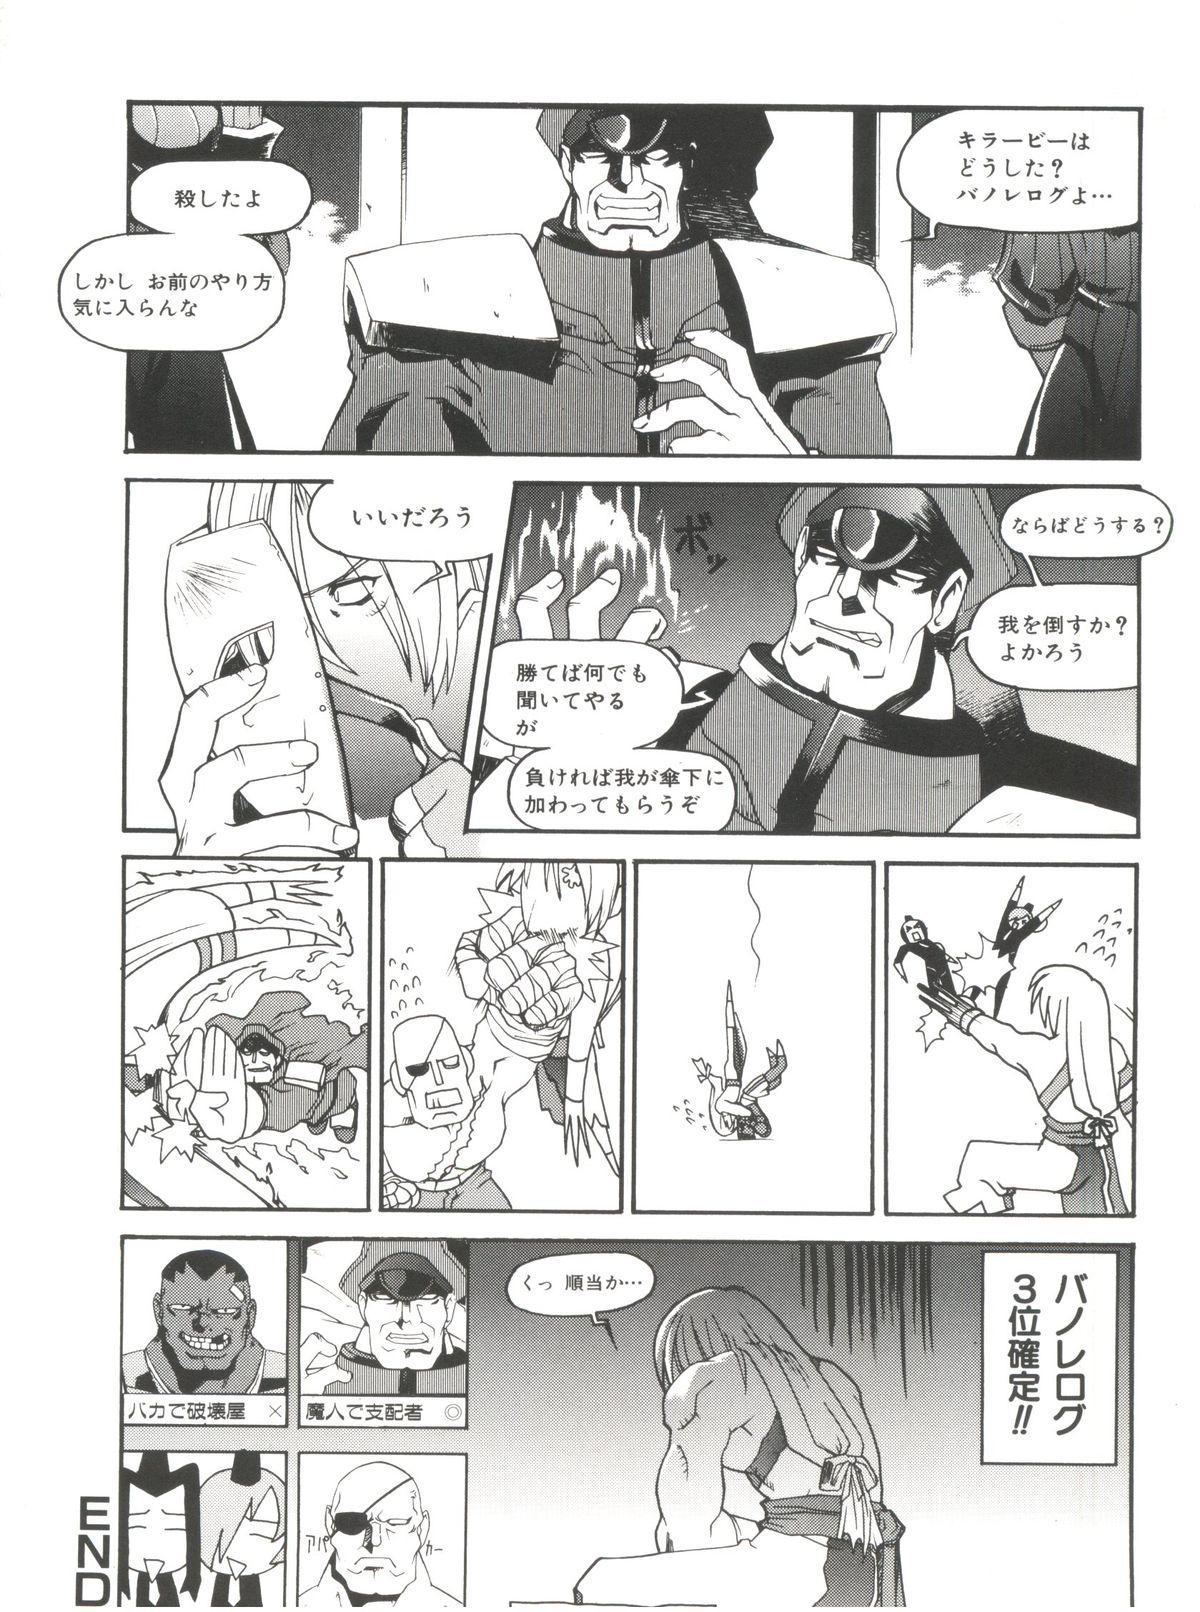 Denei Tamatebako 6 - Nishinhou no Tenshi II 117